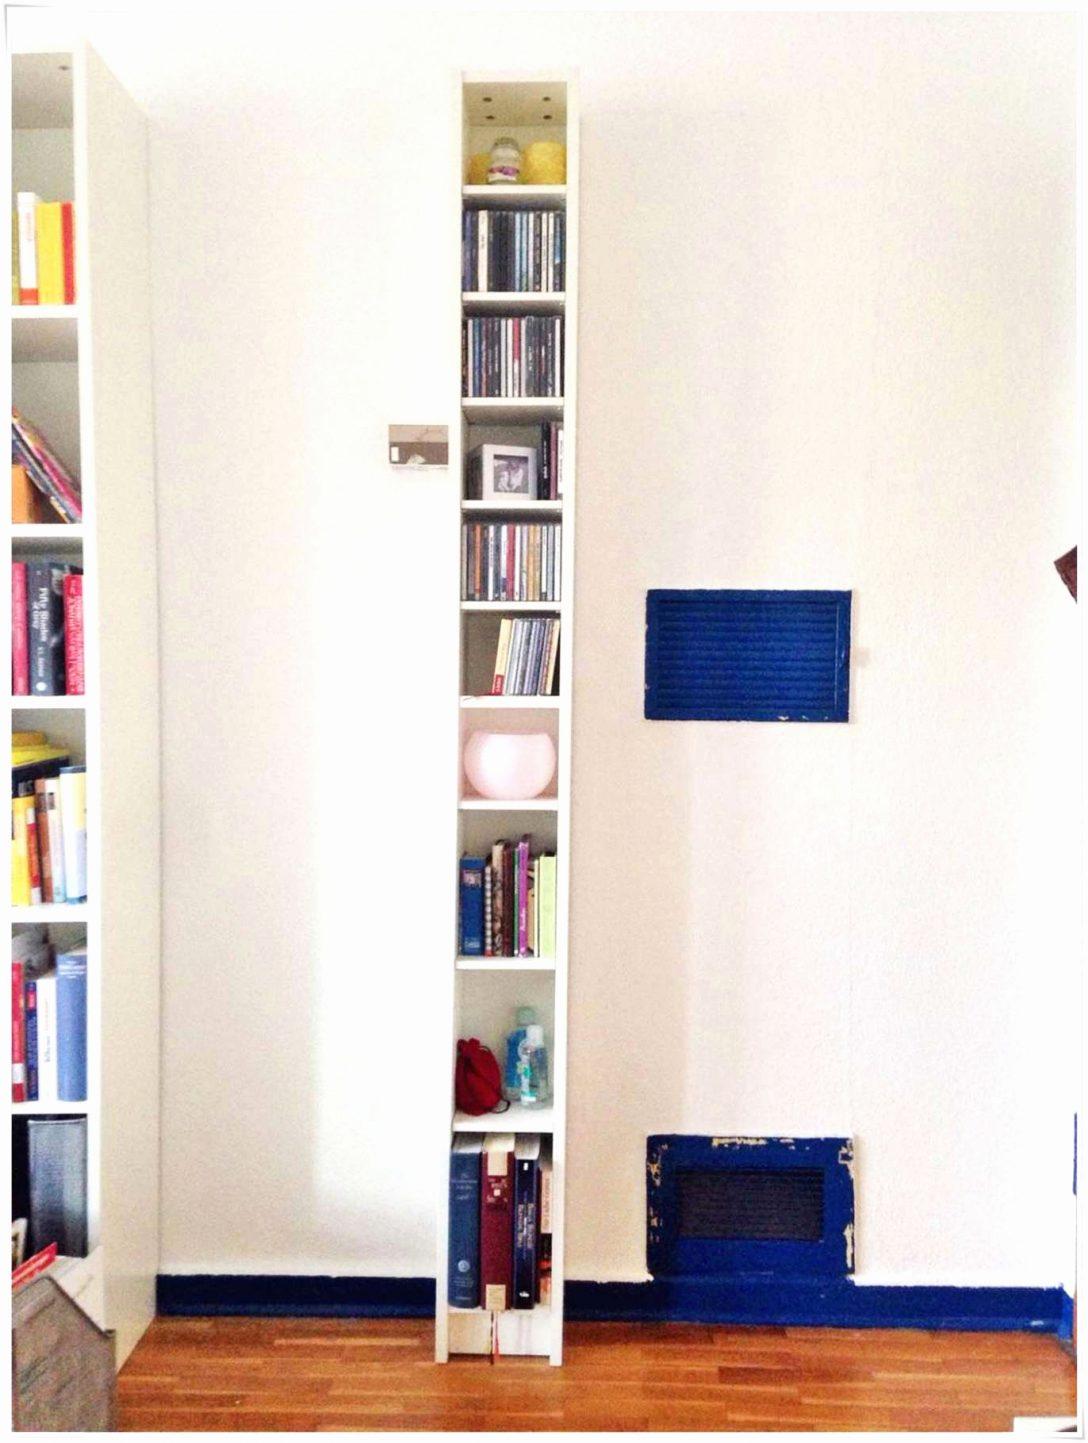 Large Size of Bett Selber Zusammenstellen Ikea Massivholz Selbst Hasena Zum Kopfteil Boxspring Machen Regal Treppe Bauen Genial Flaschenregal Hoch Ausklappbar Einfaches Bett Bett Selber Zusammenstellen